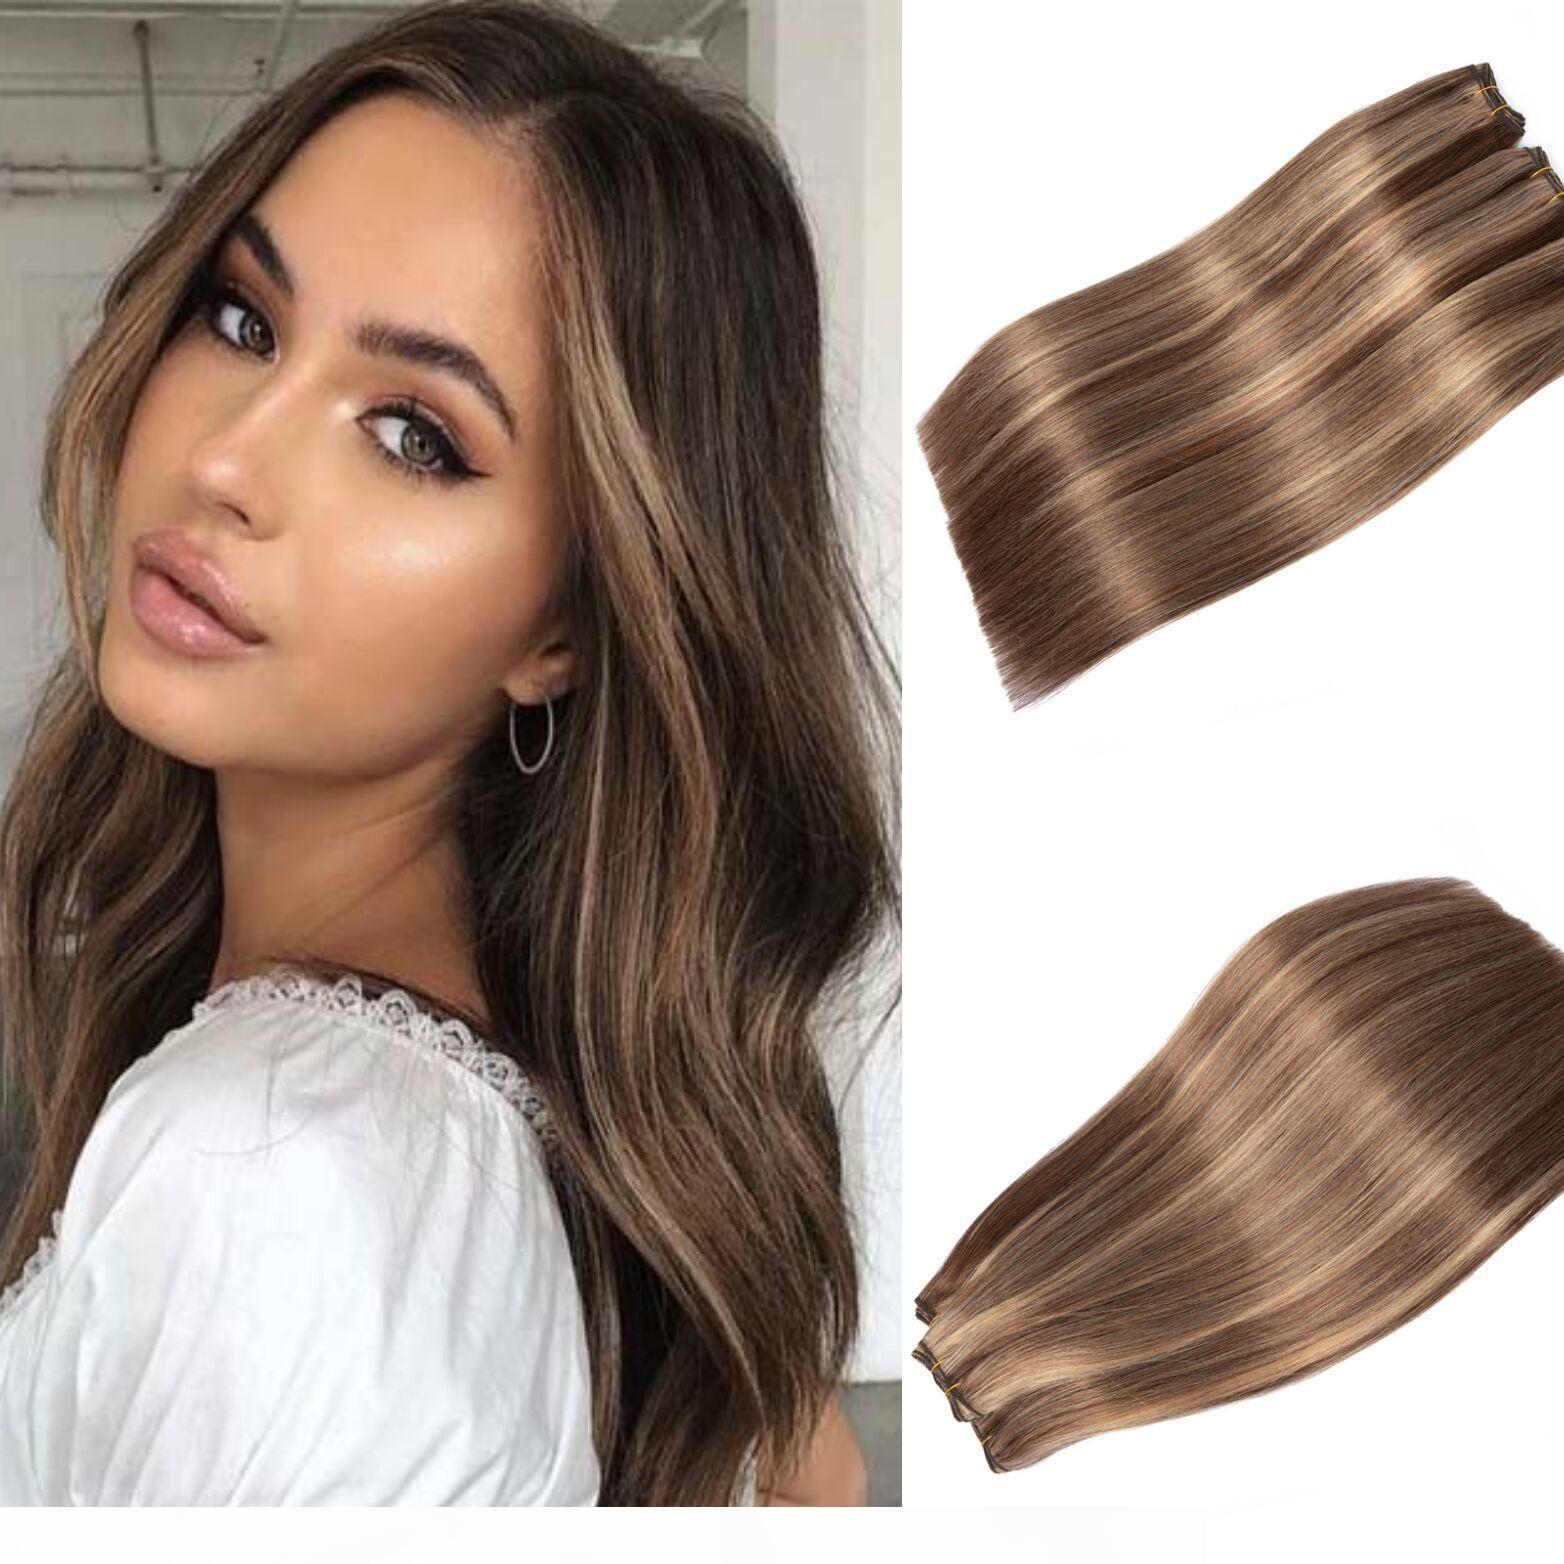 Destacados Human Hair Weave Piano Color # 4 mezclado con # 27 Virgin peruian Piano Piano Color Pein Hight Extensions 100g Bundle